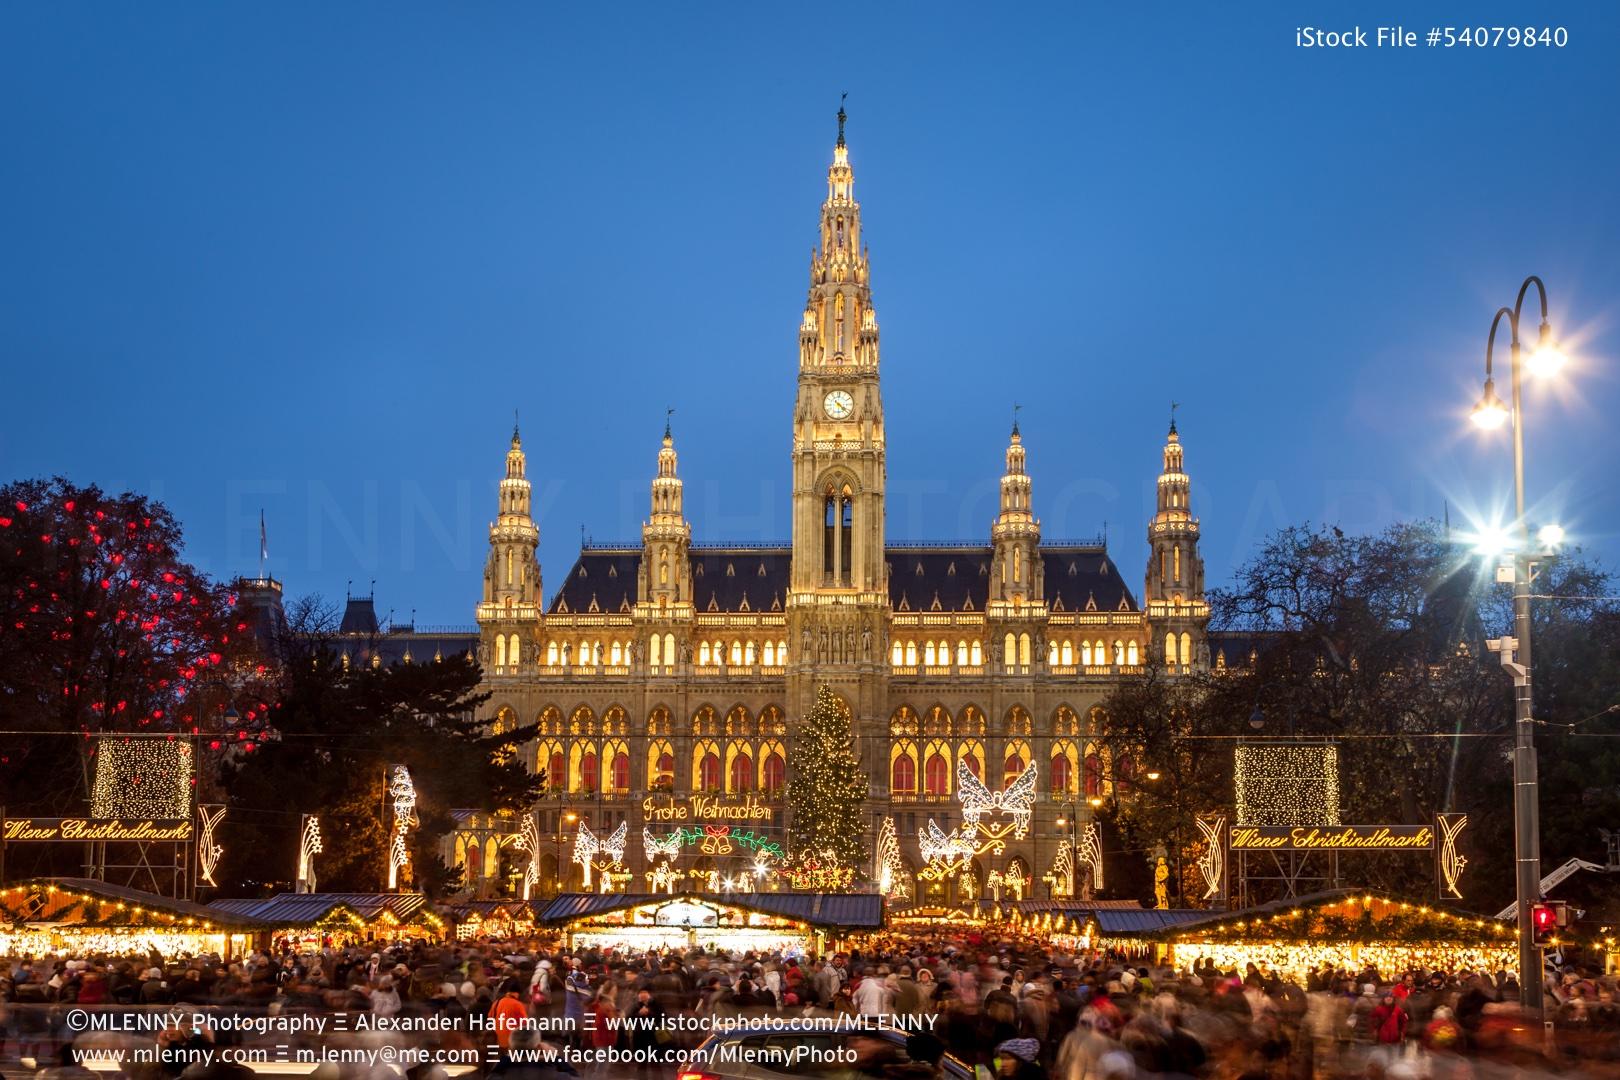 Christmas Market Vienna Christkindlmarkt New Townhall, Austria